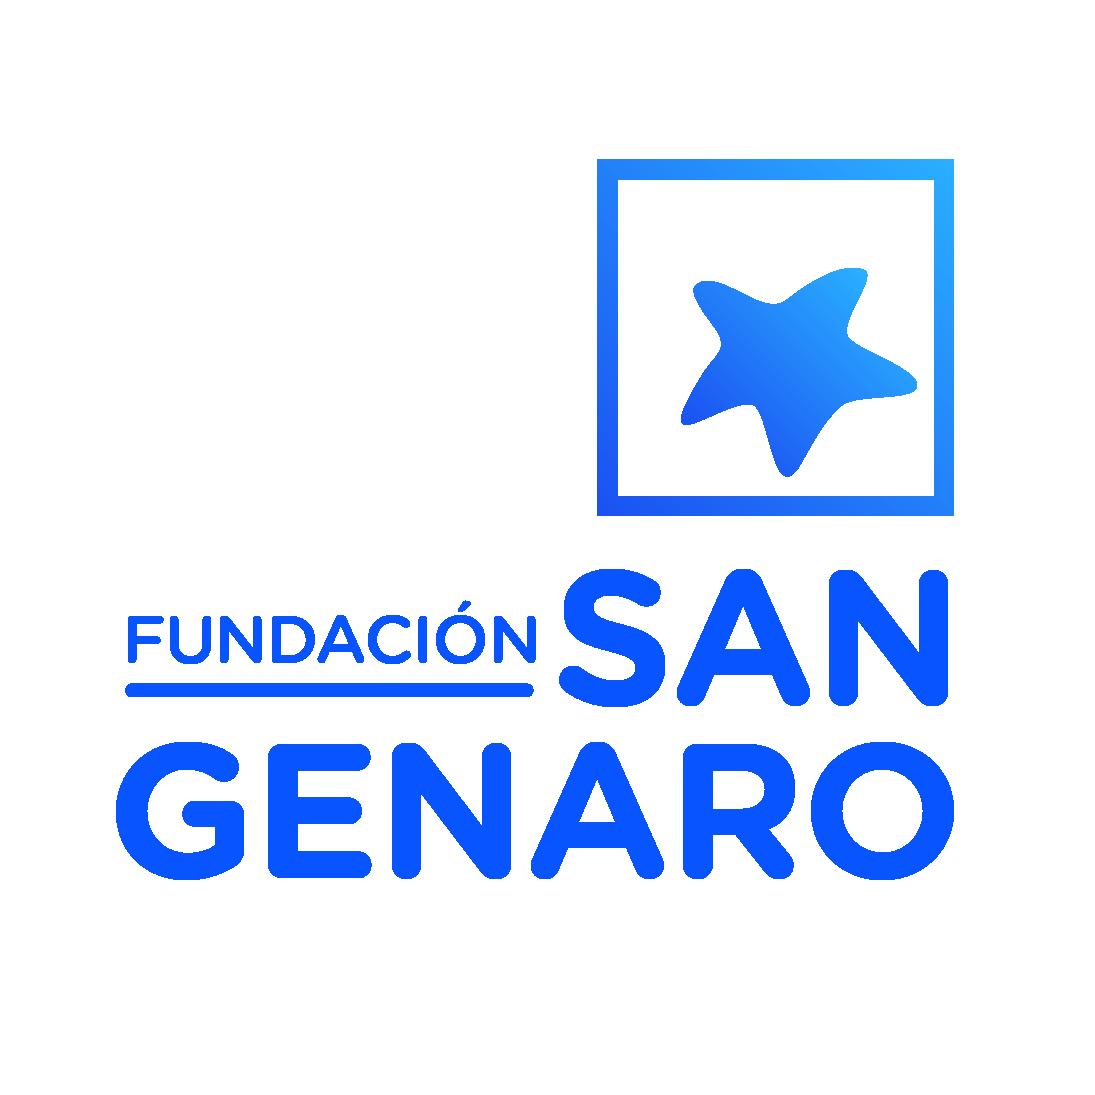 logo de Fundación San Genaro